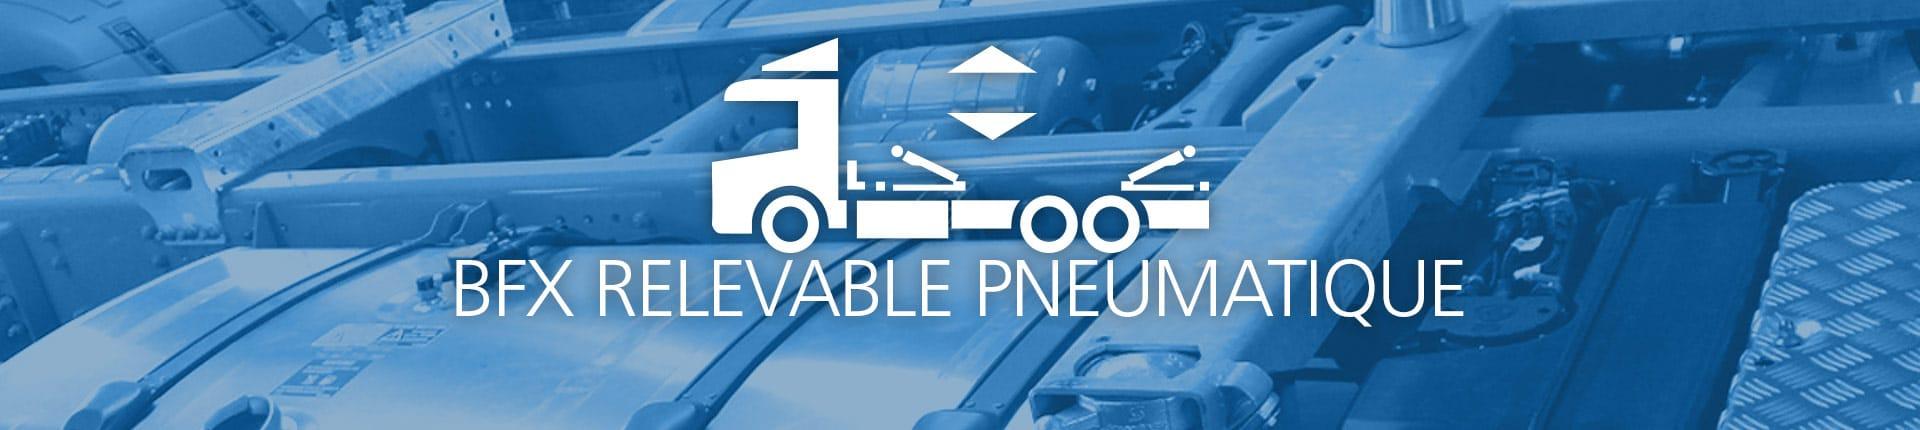 Header BFX Relevable Pneumatique